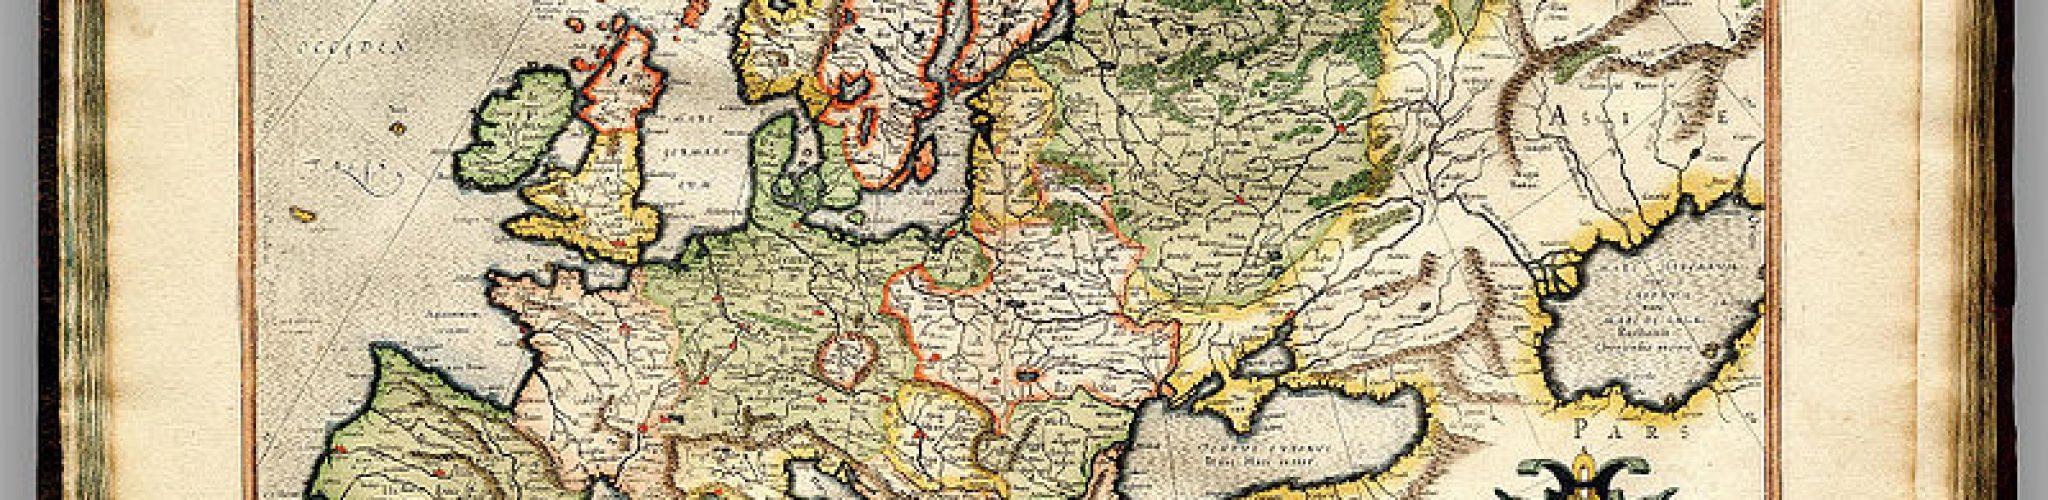 Storia della cartografia